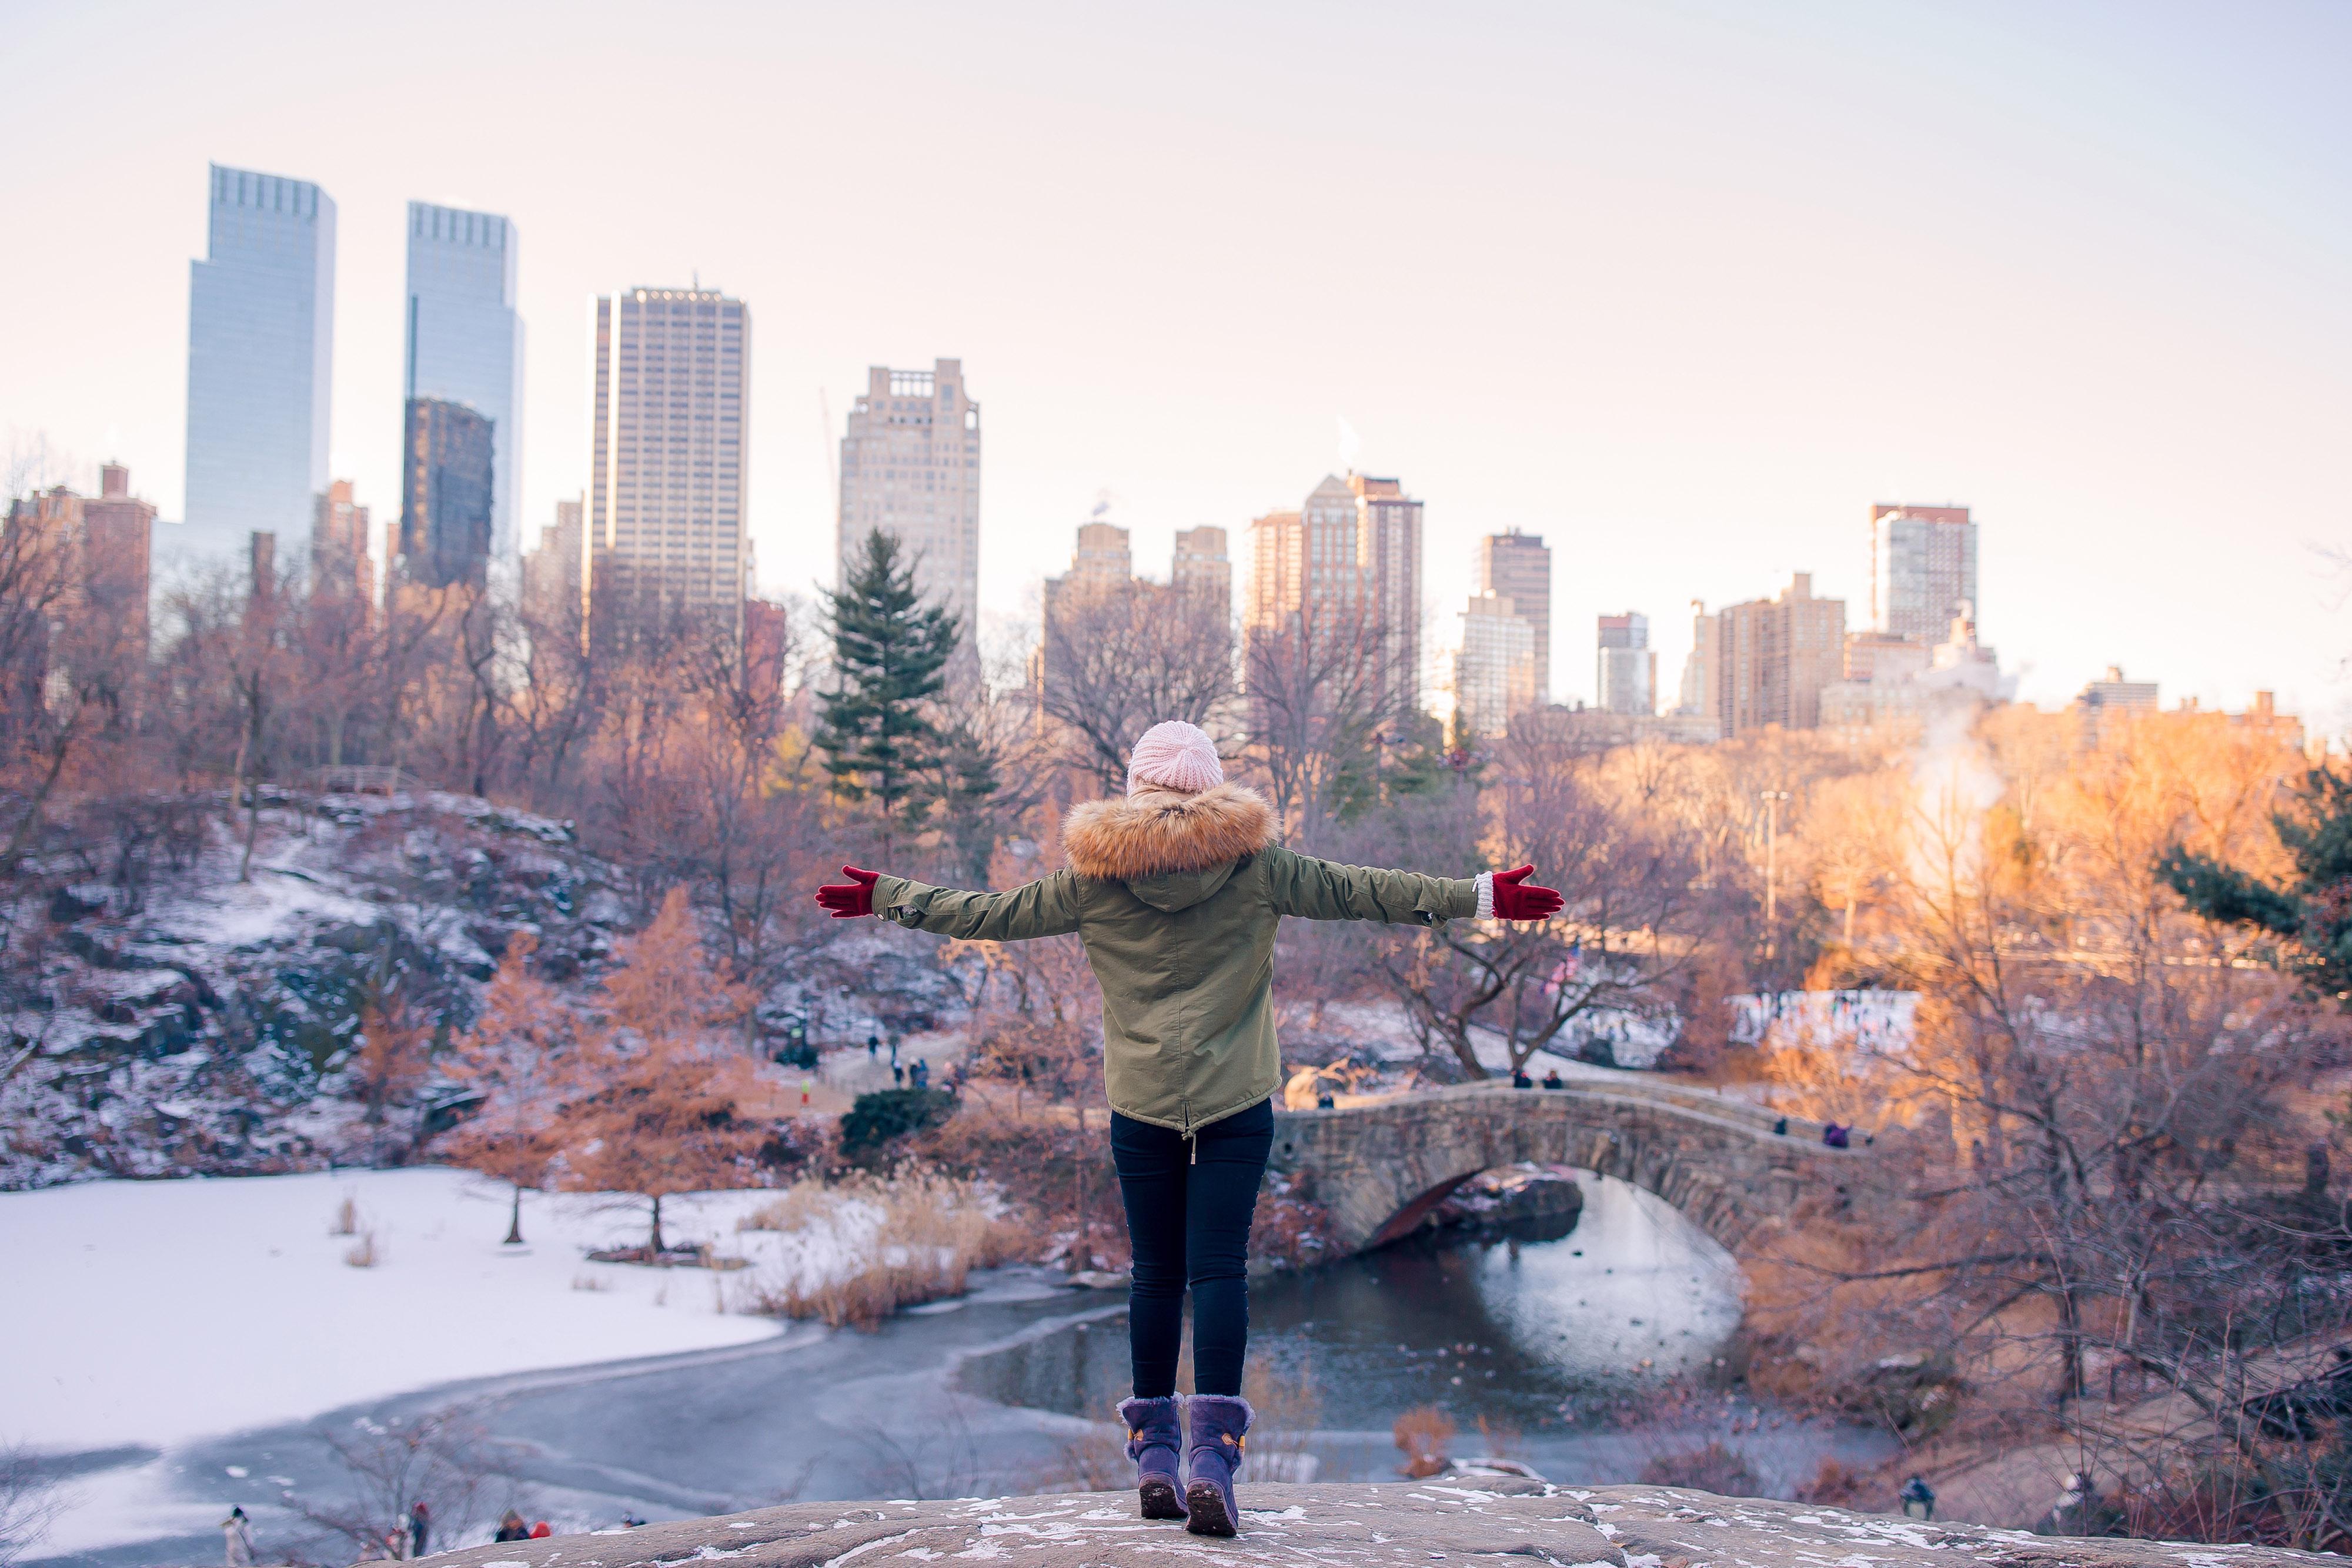 Vista traseira de uma mulher apreciando a vista de uma pista de gelo 1 - editado